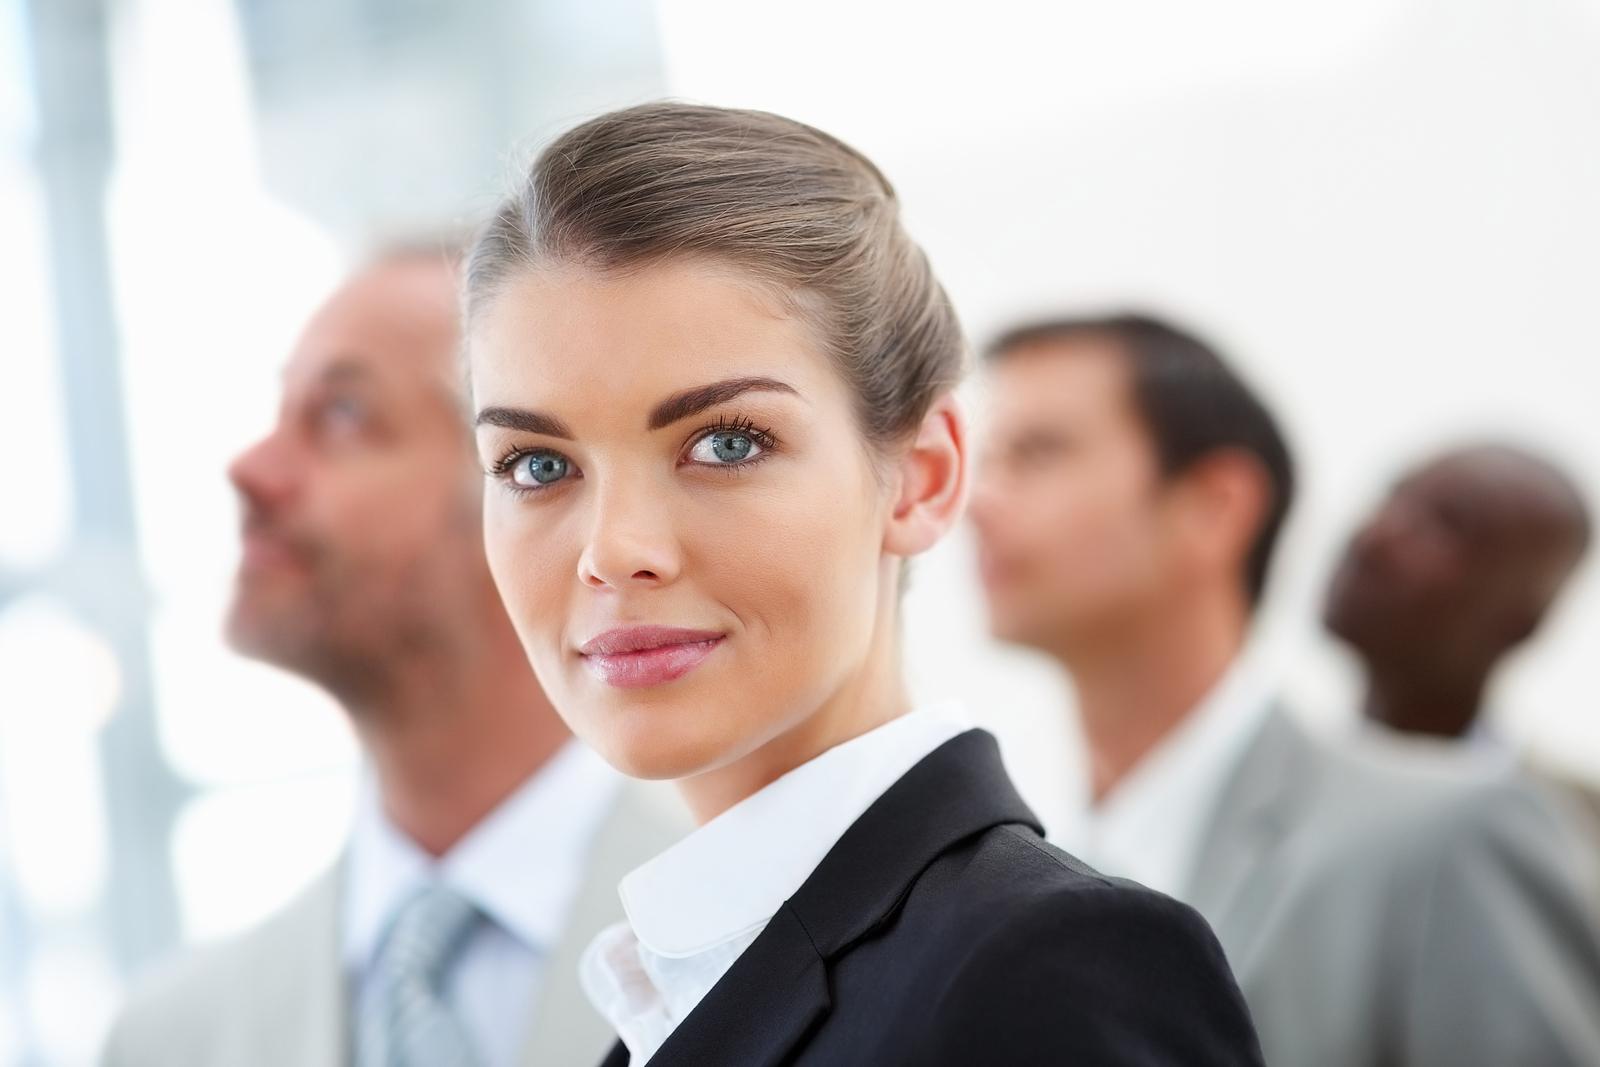 Женственность глазами мужчин: какие женщины считаются привлекательными ⇒ блог ярослава самойлова